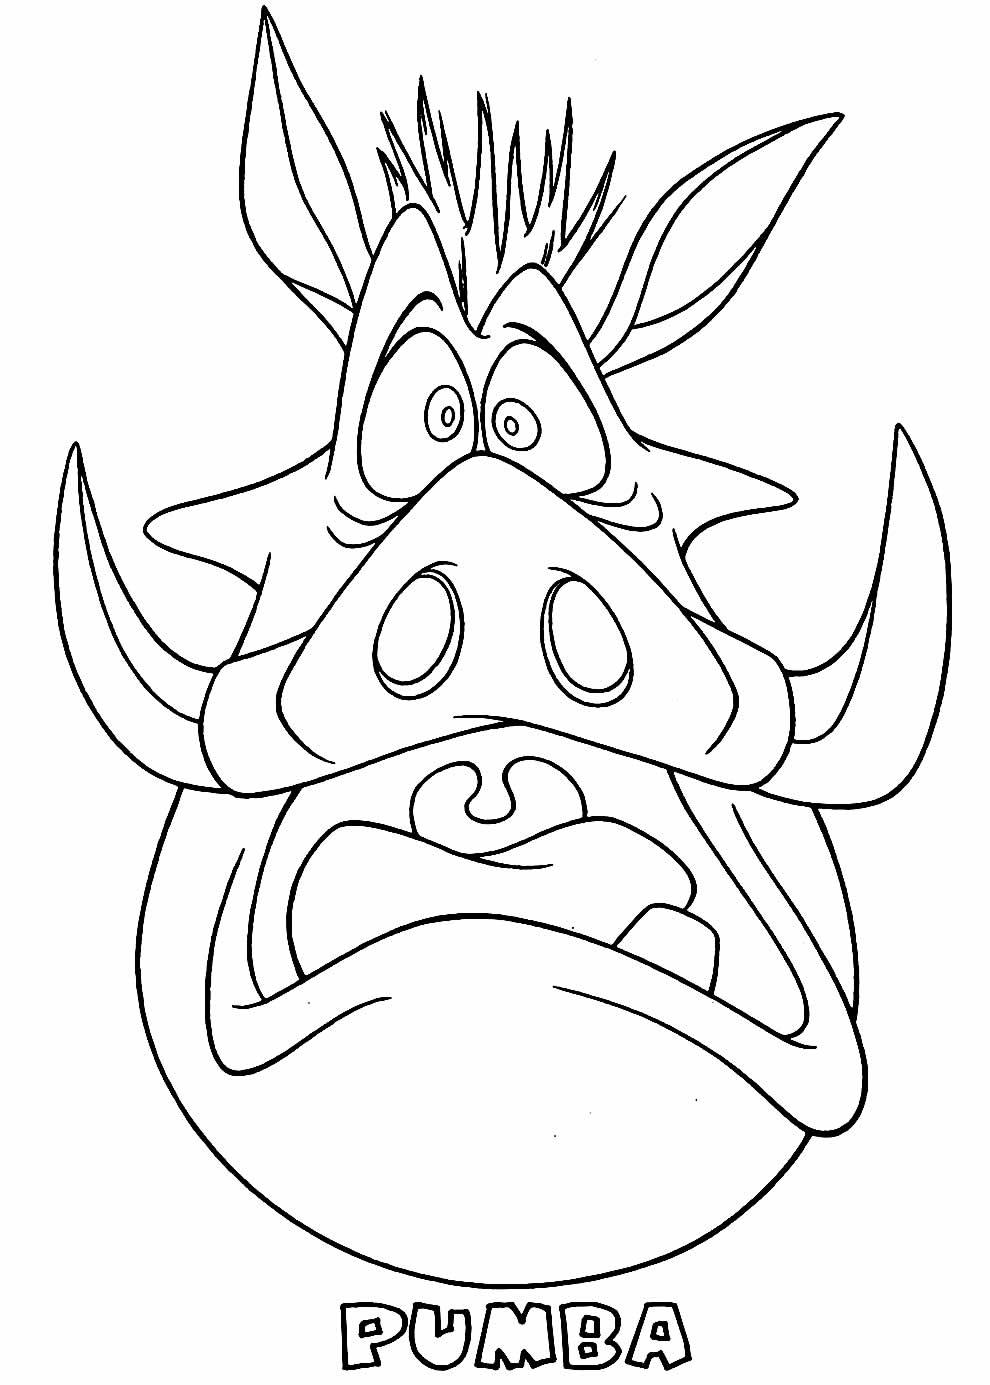 Desenho de Pumba